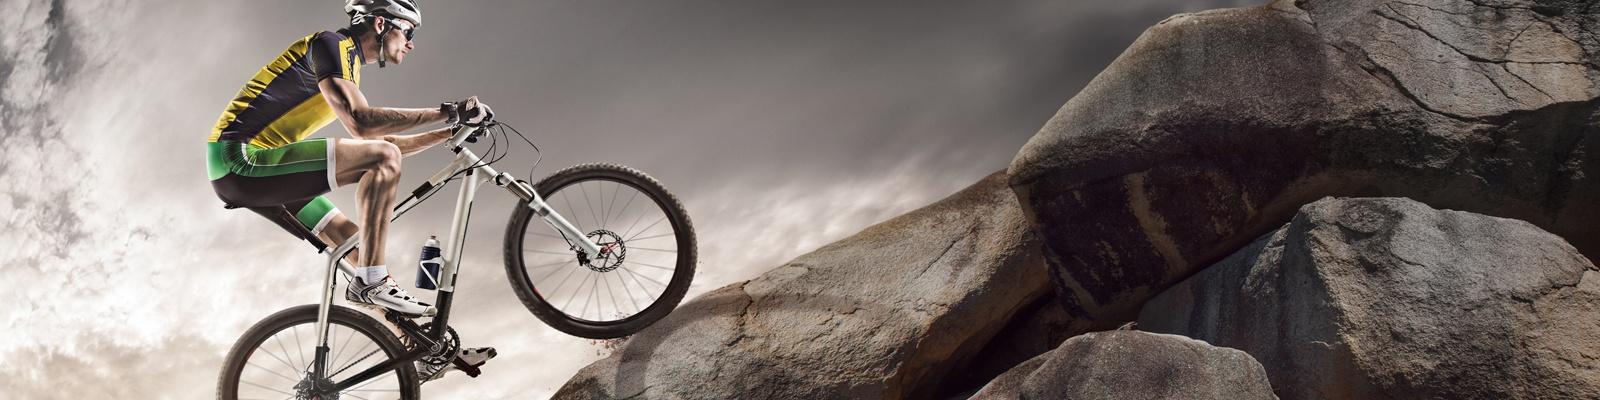 Tienda online y personalización para ciclistas y runners